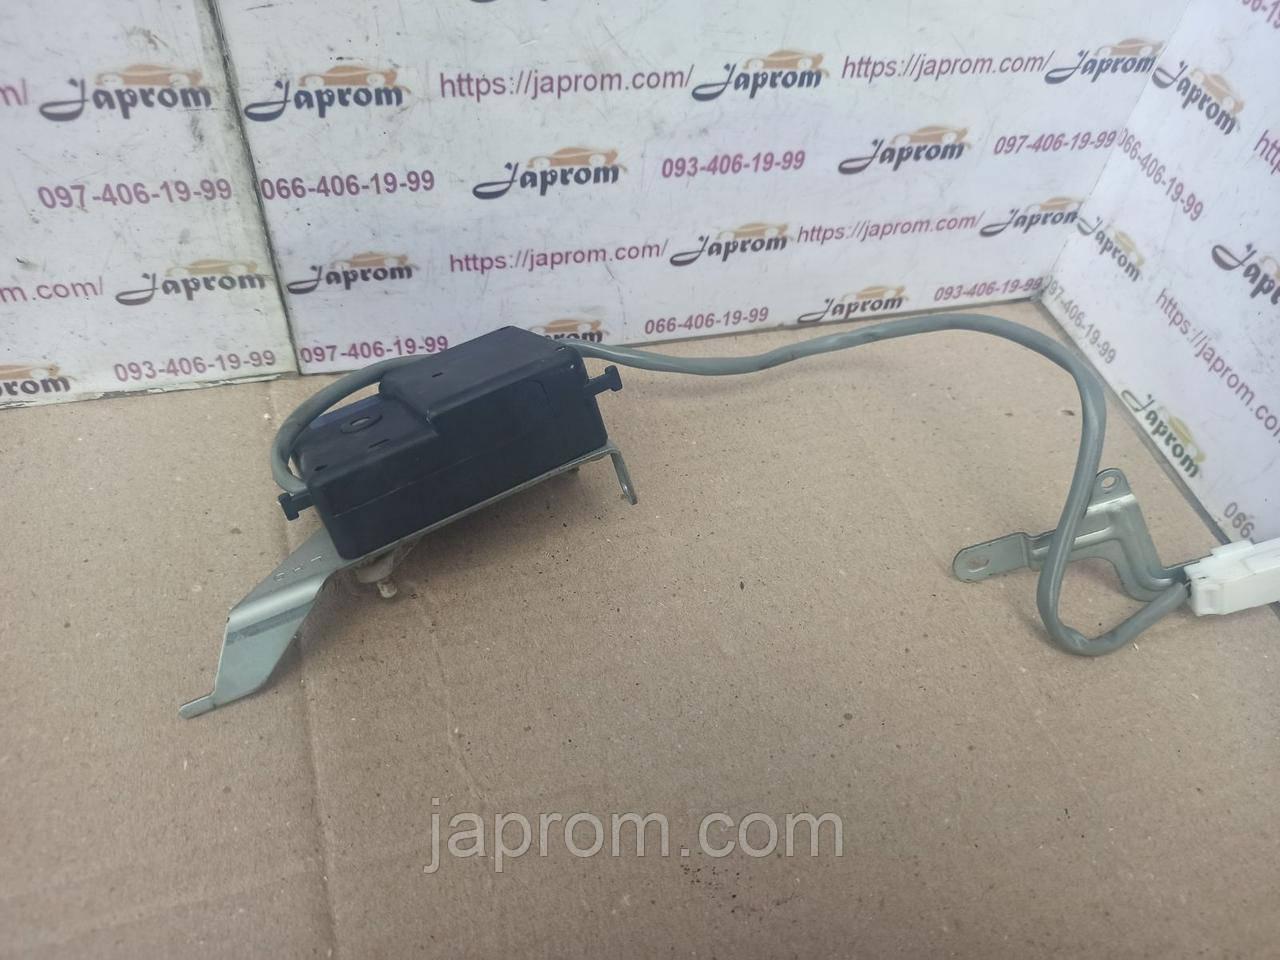 Моторчик (привод) заслонки печки Mazda Xedos 6 626 GE 1992-1999